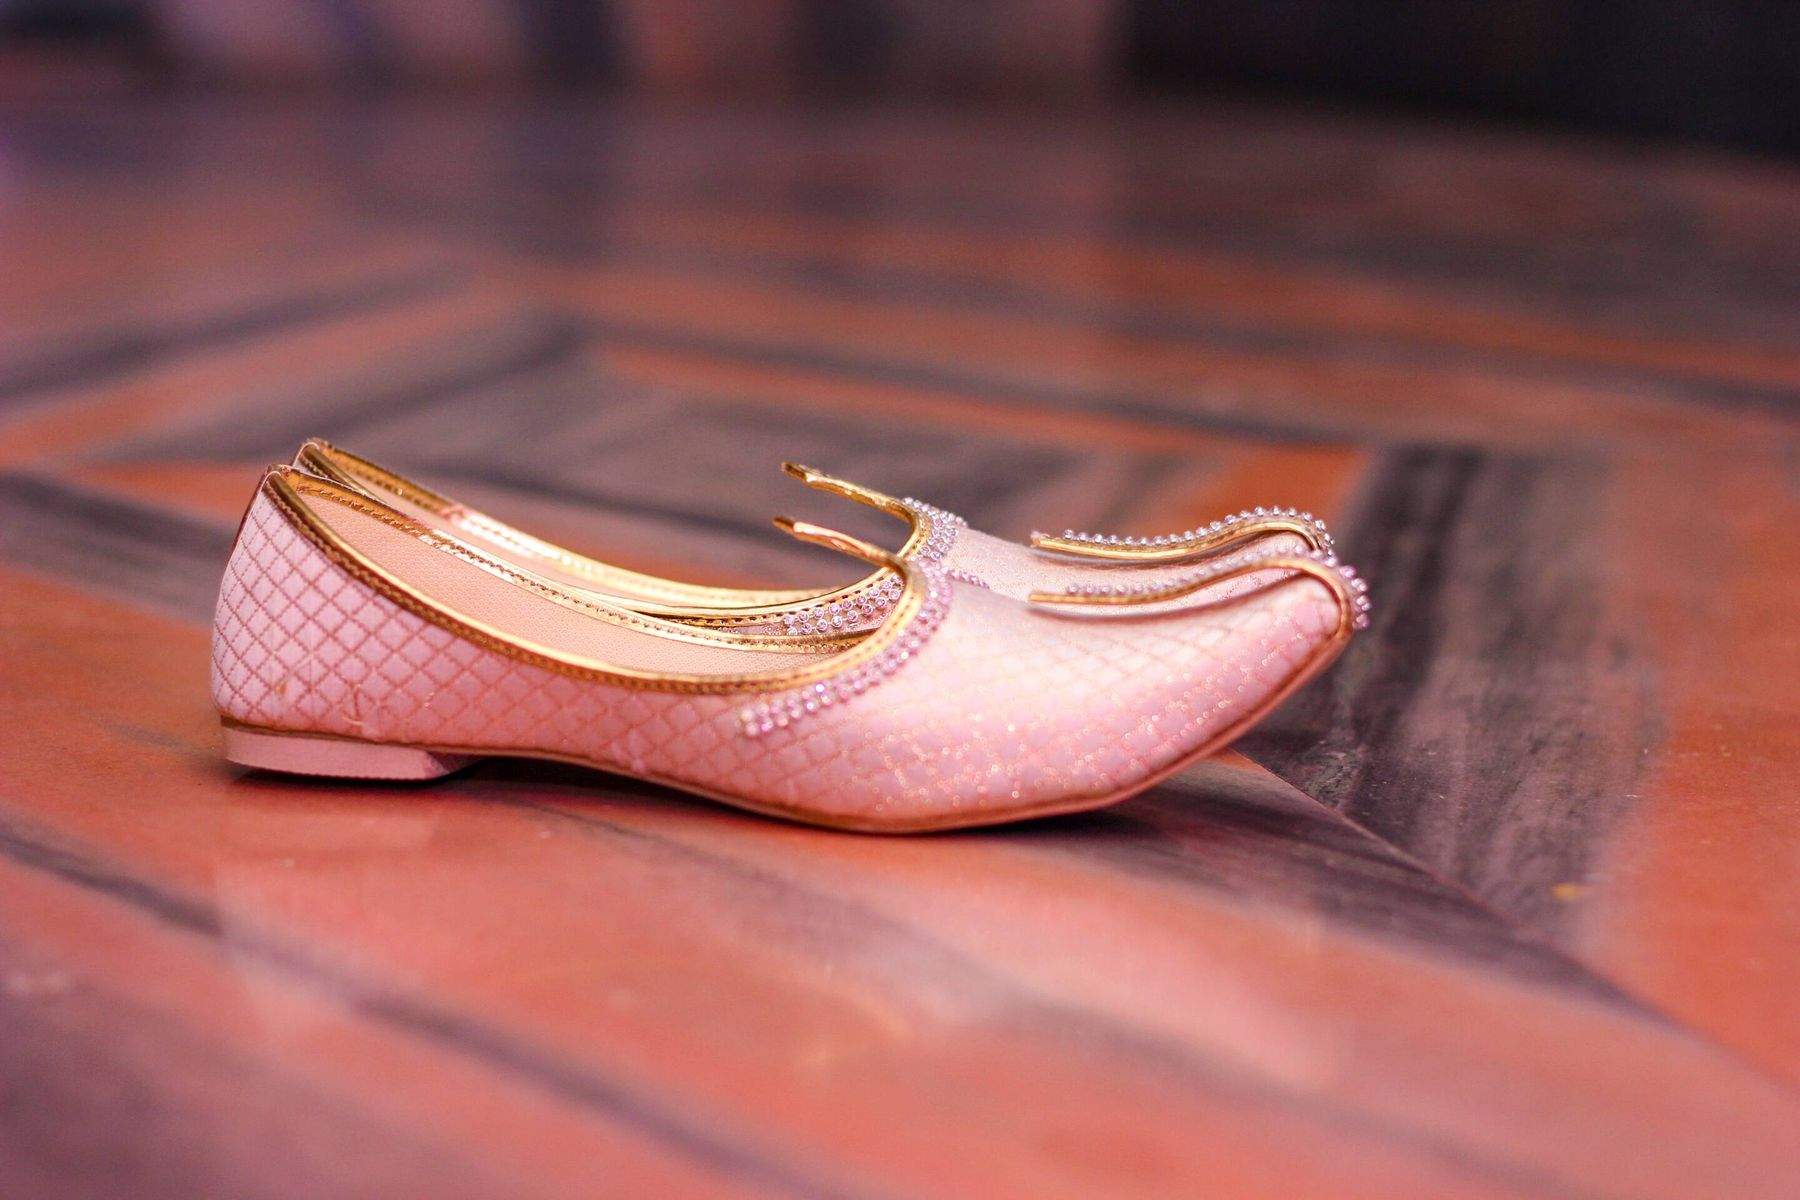 अपनी कोल्हापुरी जूती और चप्पल का कैसे रखें ख़्याल | क्लीएनीपीडिया